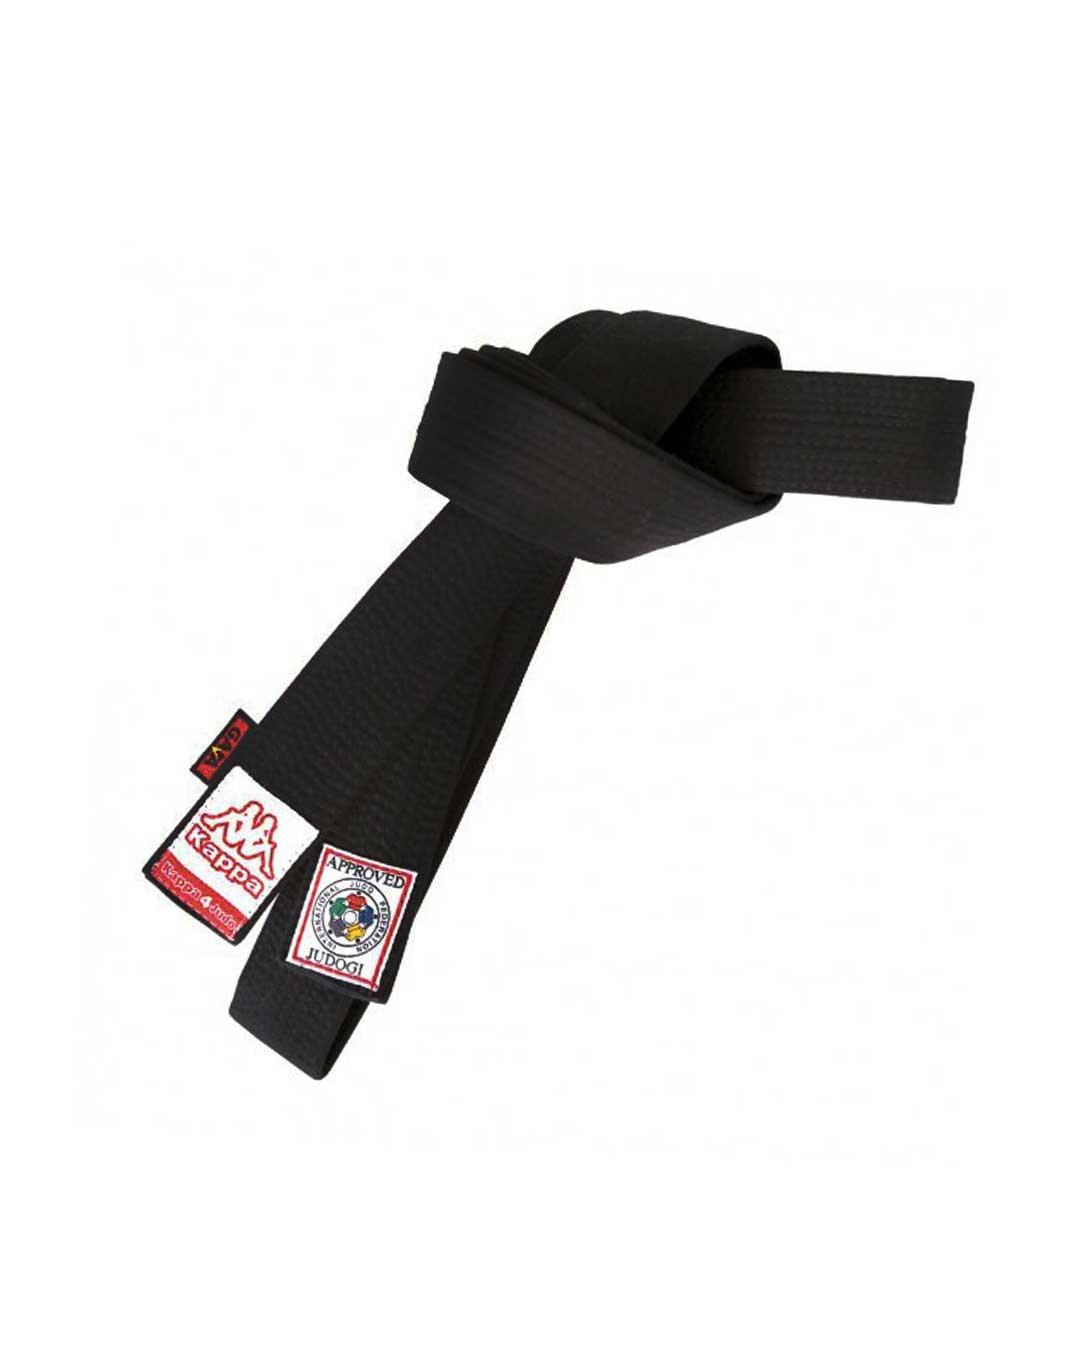 Cinturón Judo negro Nro 5 Athene Certificado IJF